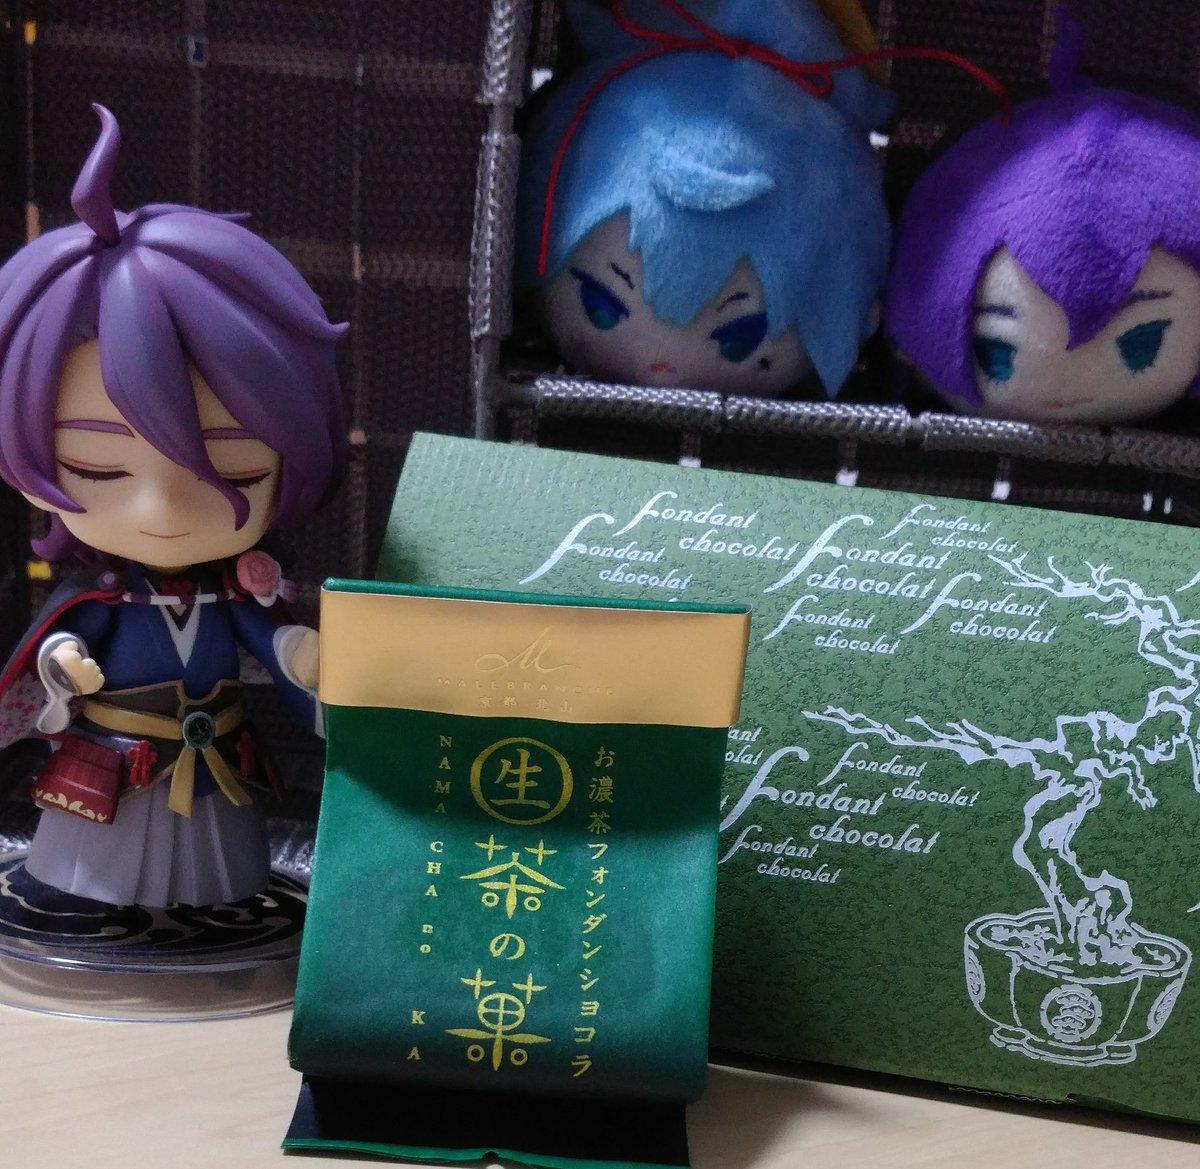 test ツイッターメディア - 京都のマールブランシュさんの『生茶の菓』は、抹茶好きの方は是非買って食べてほしいね。ちなみに関東にまだ出店していないから、こちらは京鶴くんから送ってもらったものだよ。 https://t.co/rxTRJLLUoe